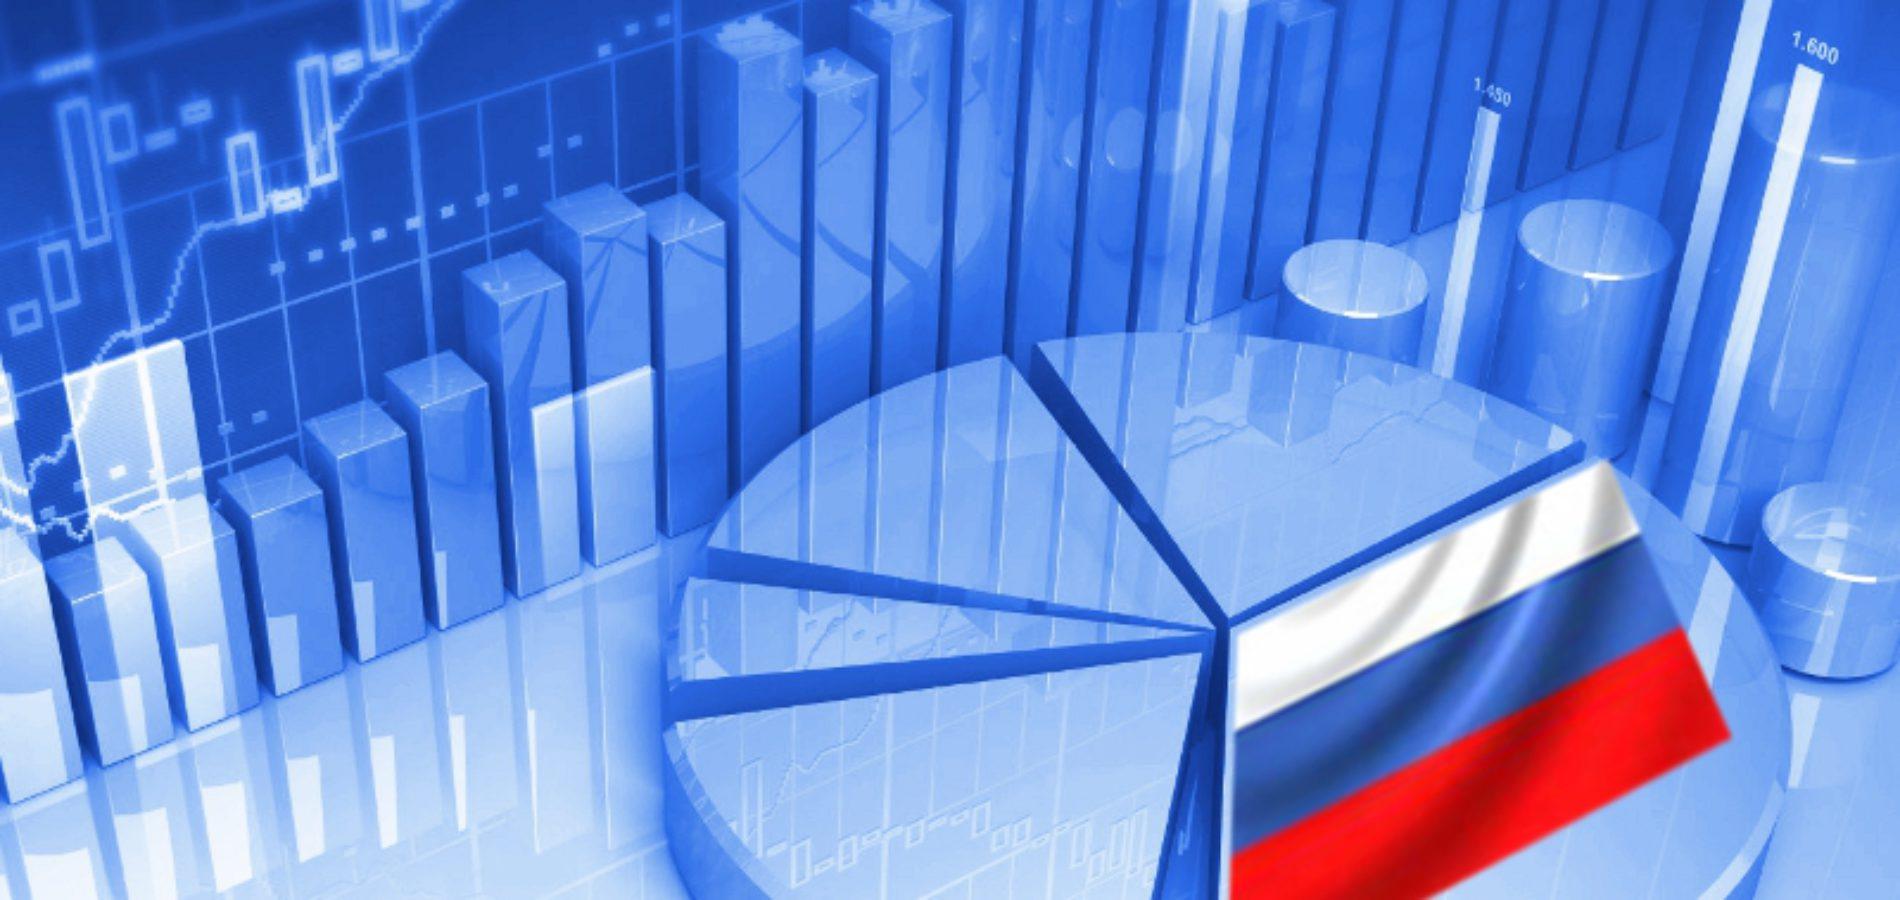 Структурно-инвестиционная политика в целях обеспечения экономического роста в России